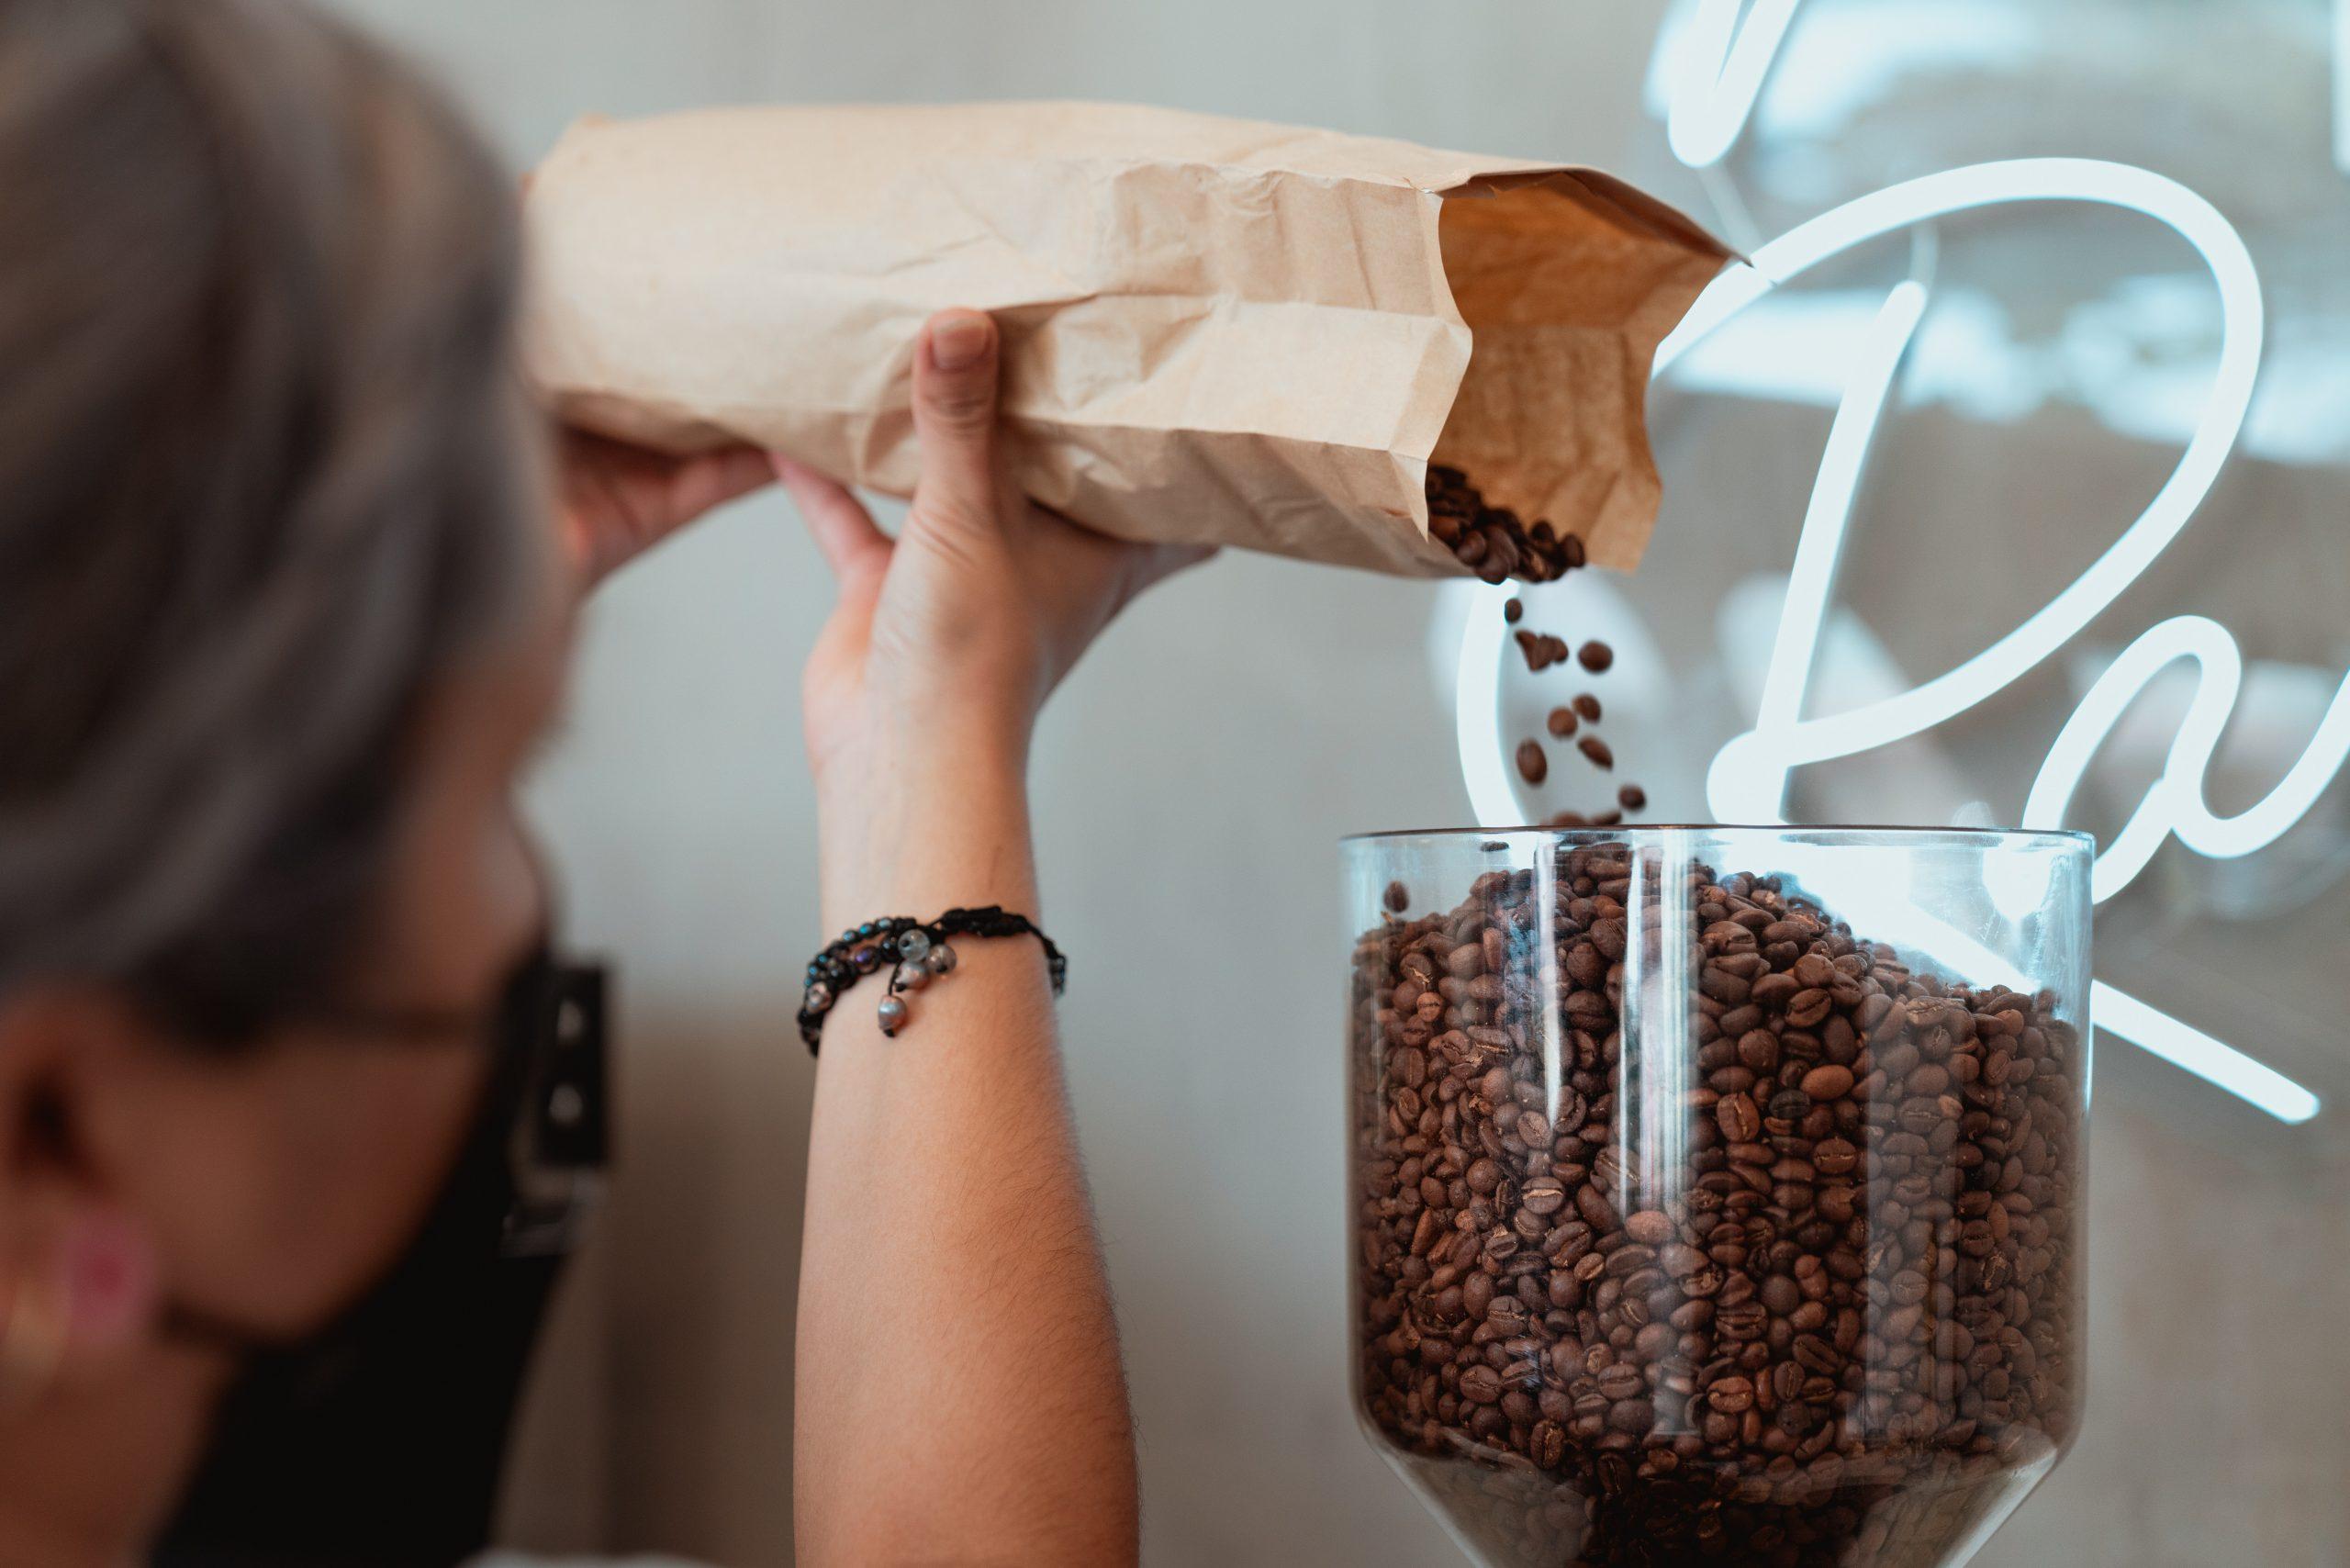 Na foto uma mulher despejando grãos de café em um moedor.